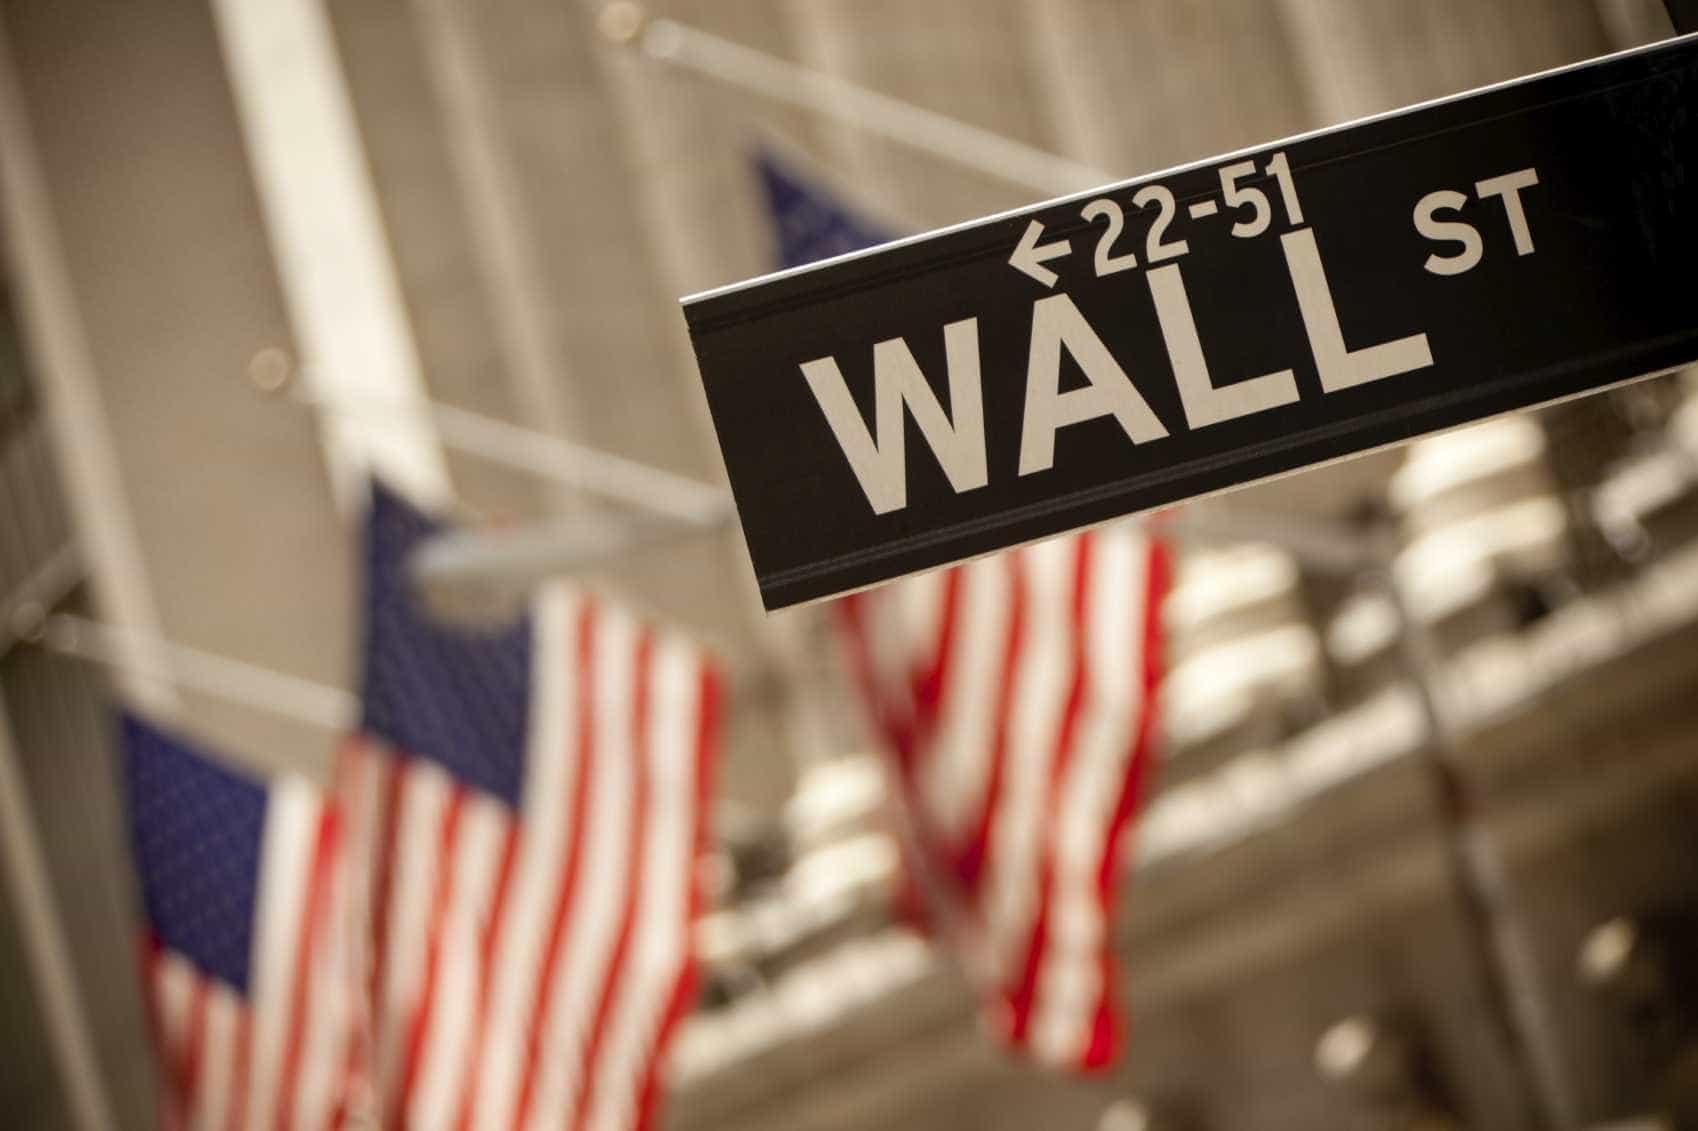 Wall Street fecha em alta graças à banca e energia